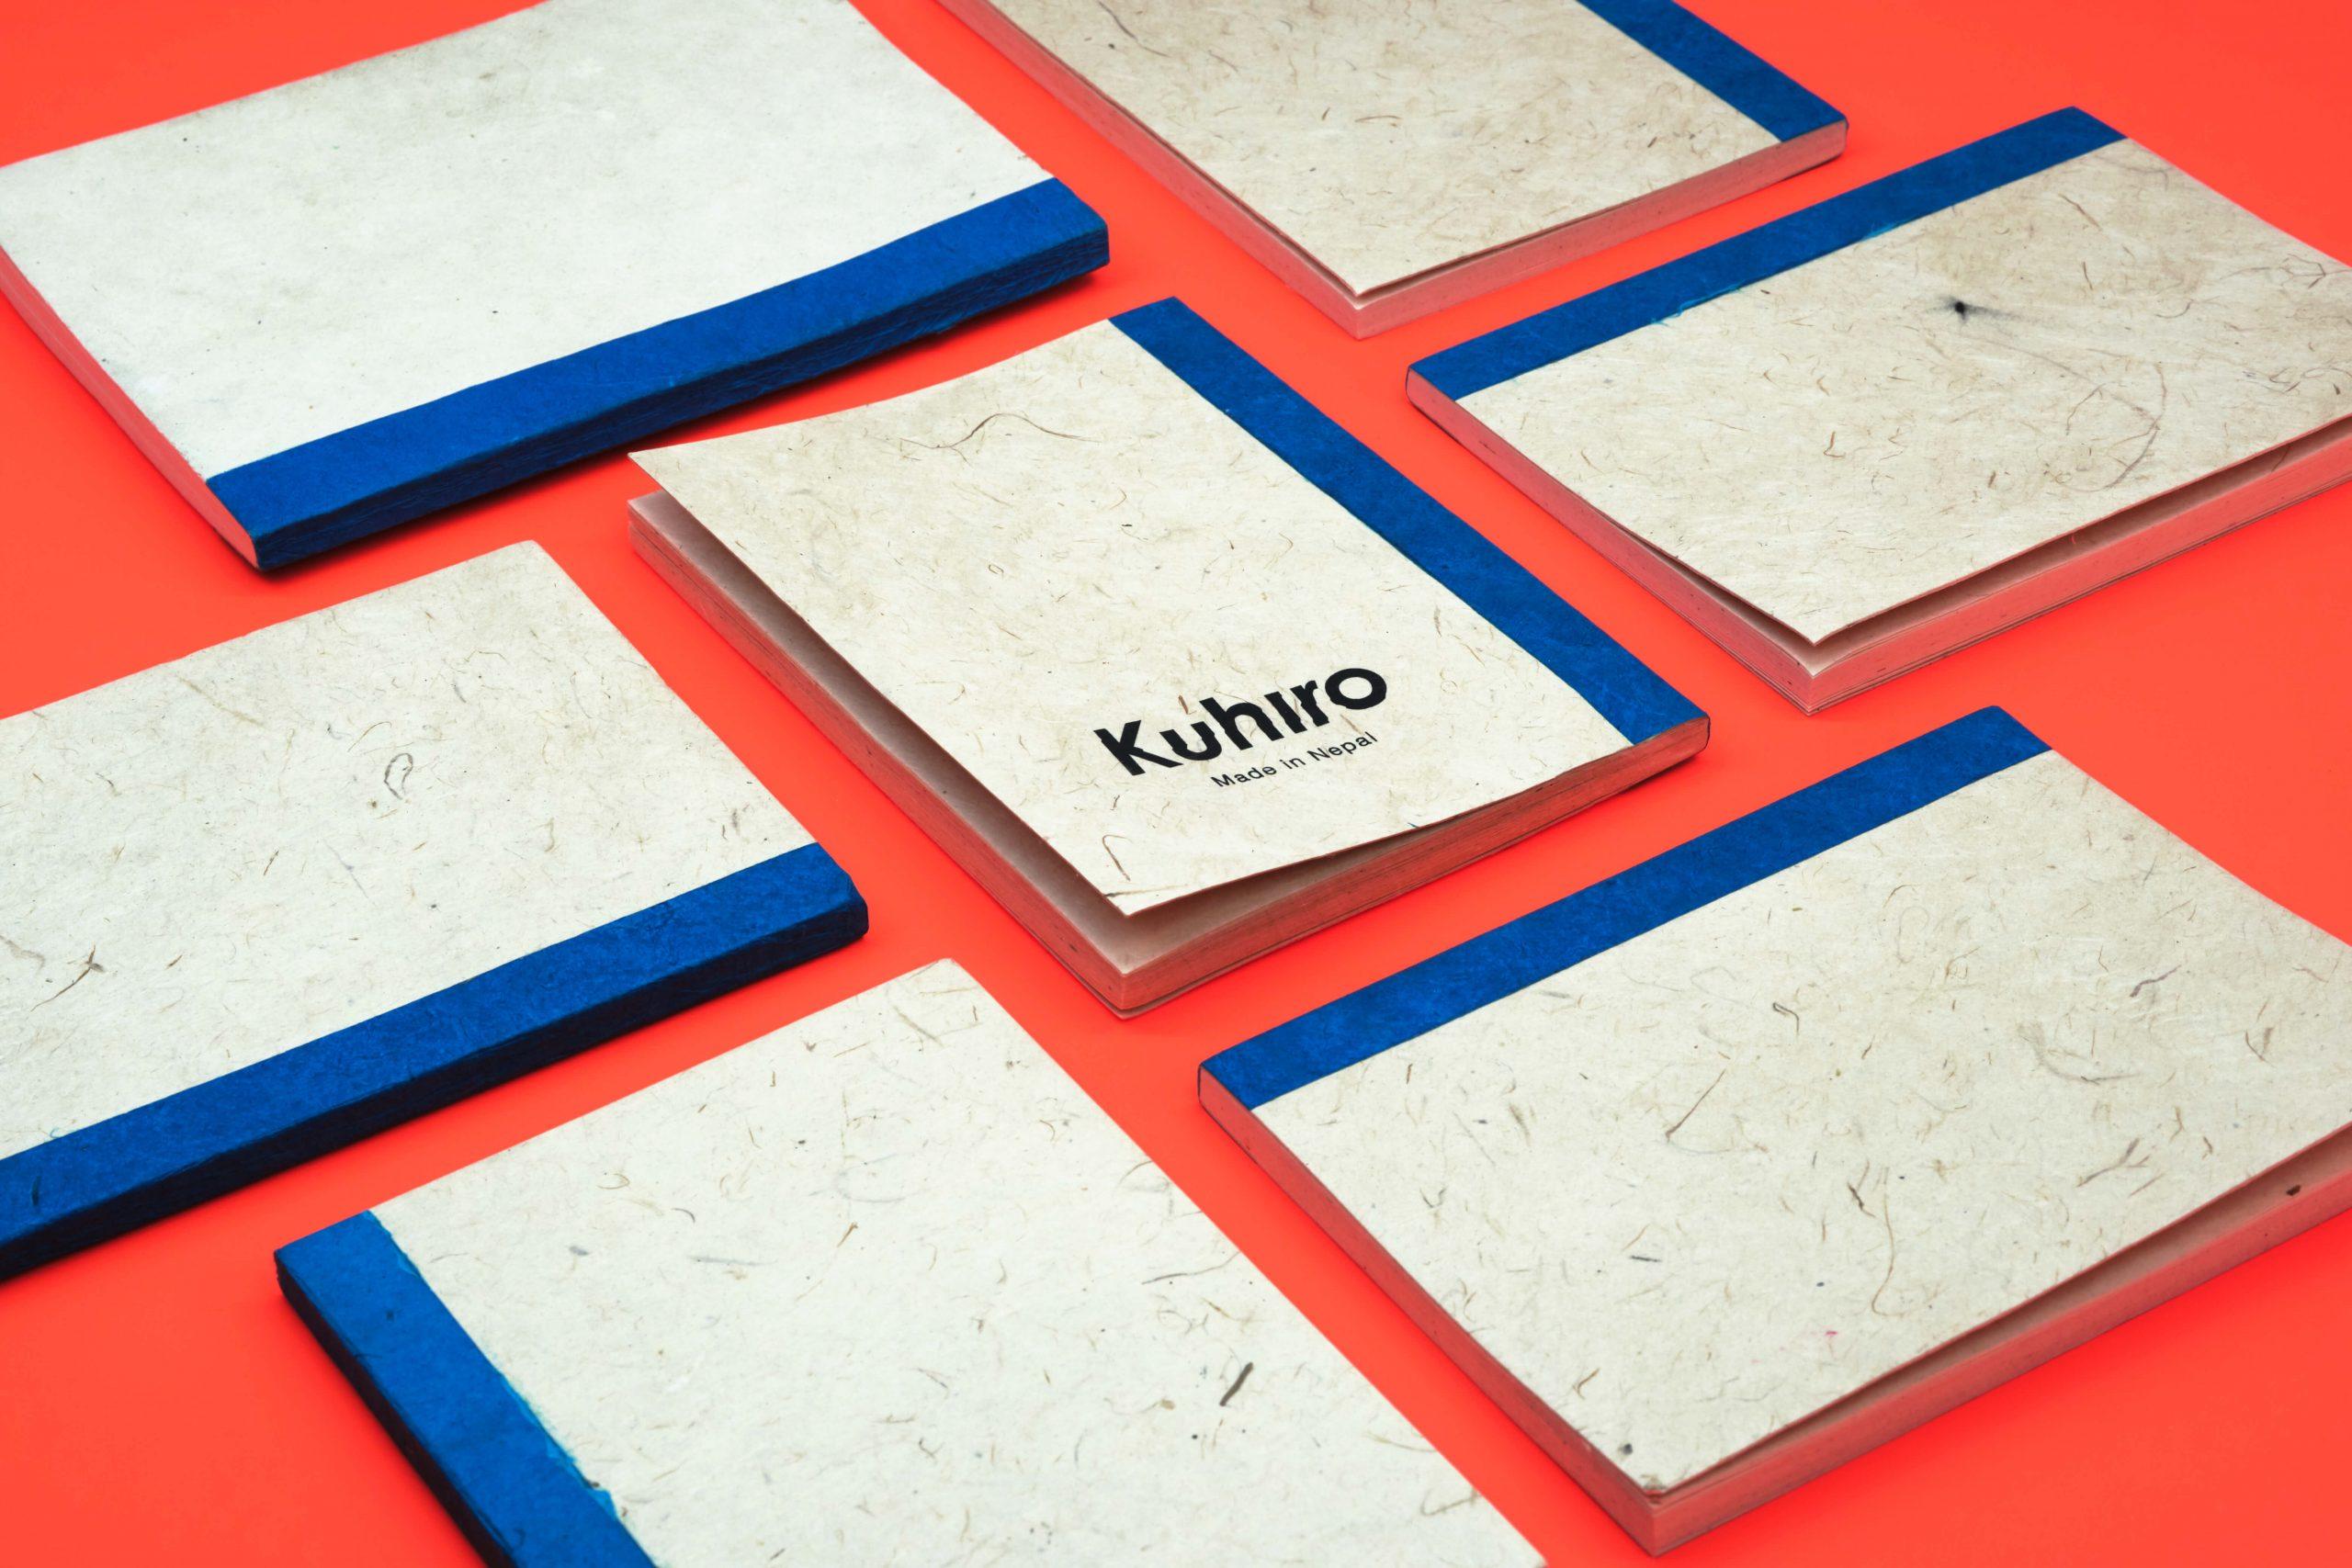 Kuhiro Sketchbook